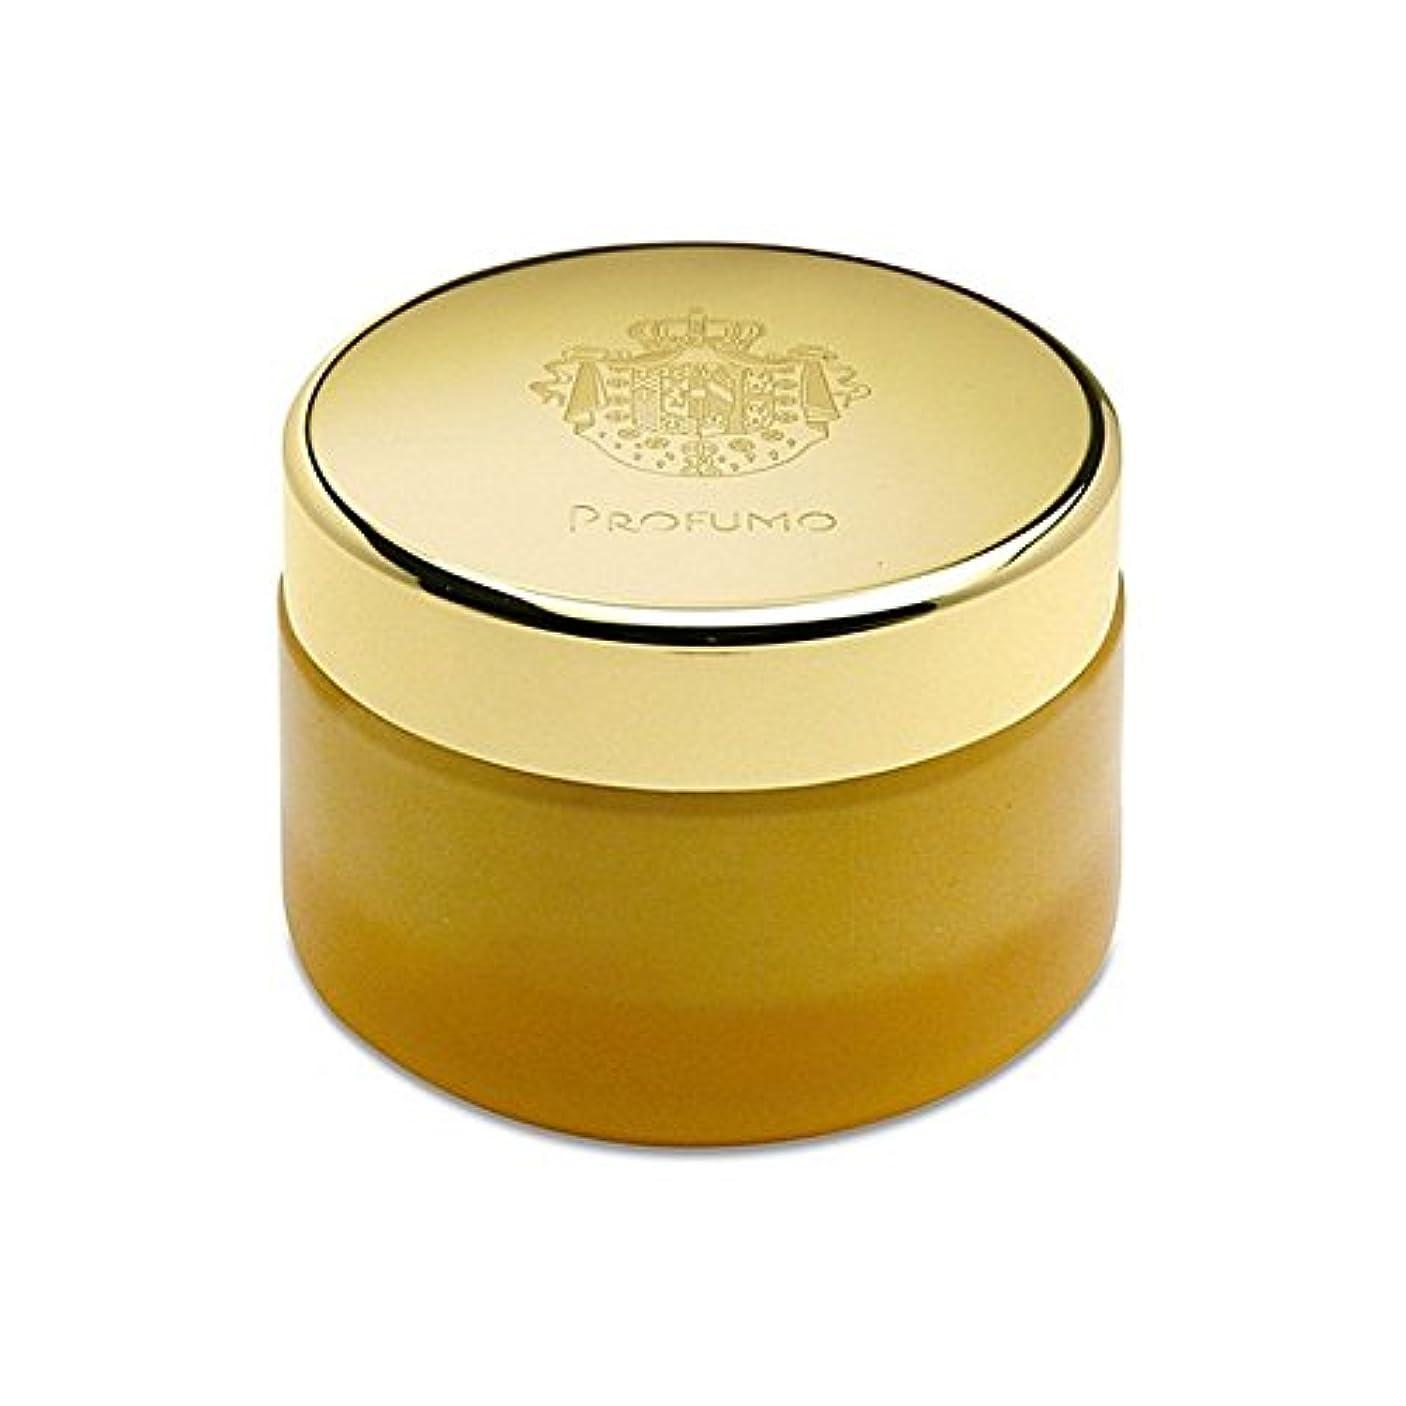 デザート最大化する地獄Acqua Di Parma Profumo Body Cream 200ml (Pack of 6) - アクアディパルマボディクリーム200ミリリットル x6 [並行輸入品]